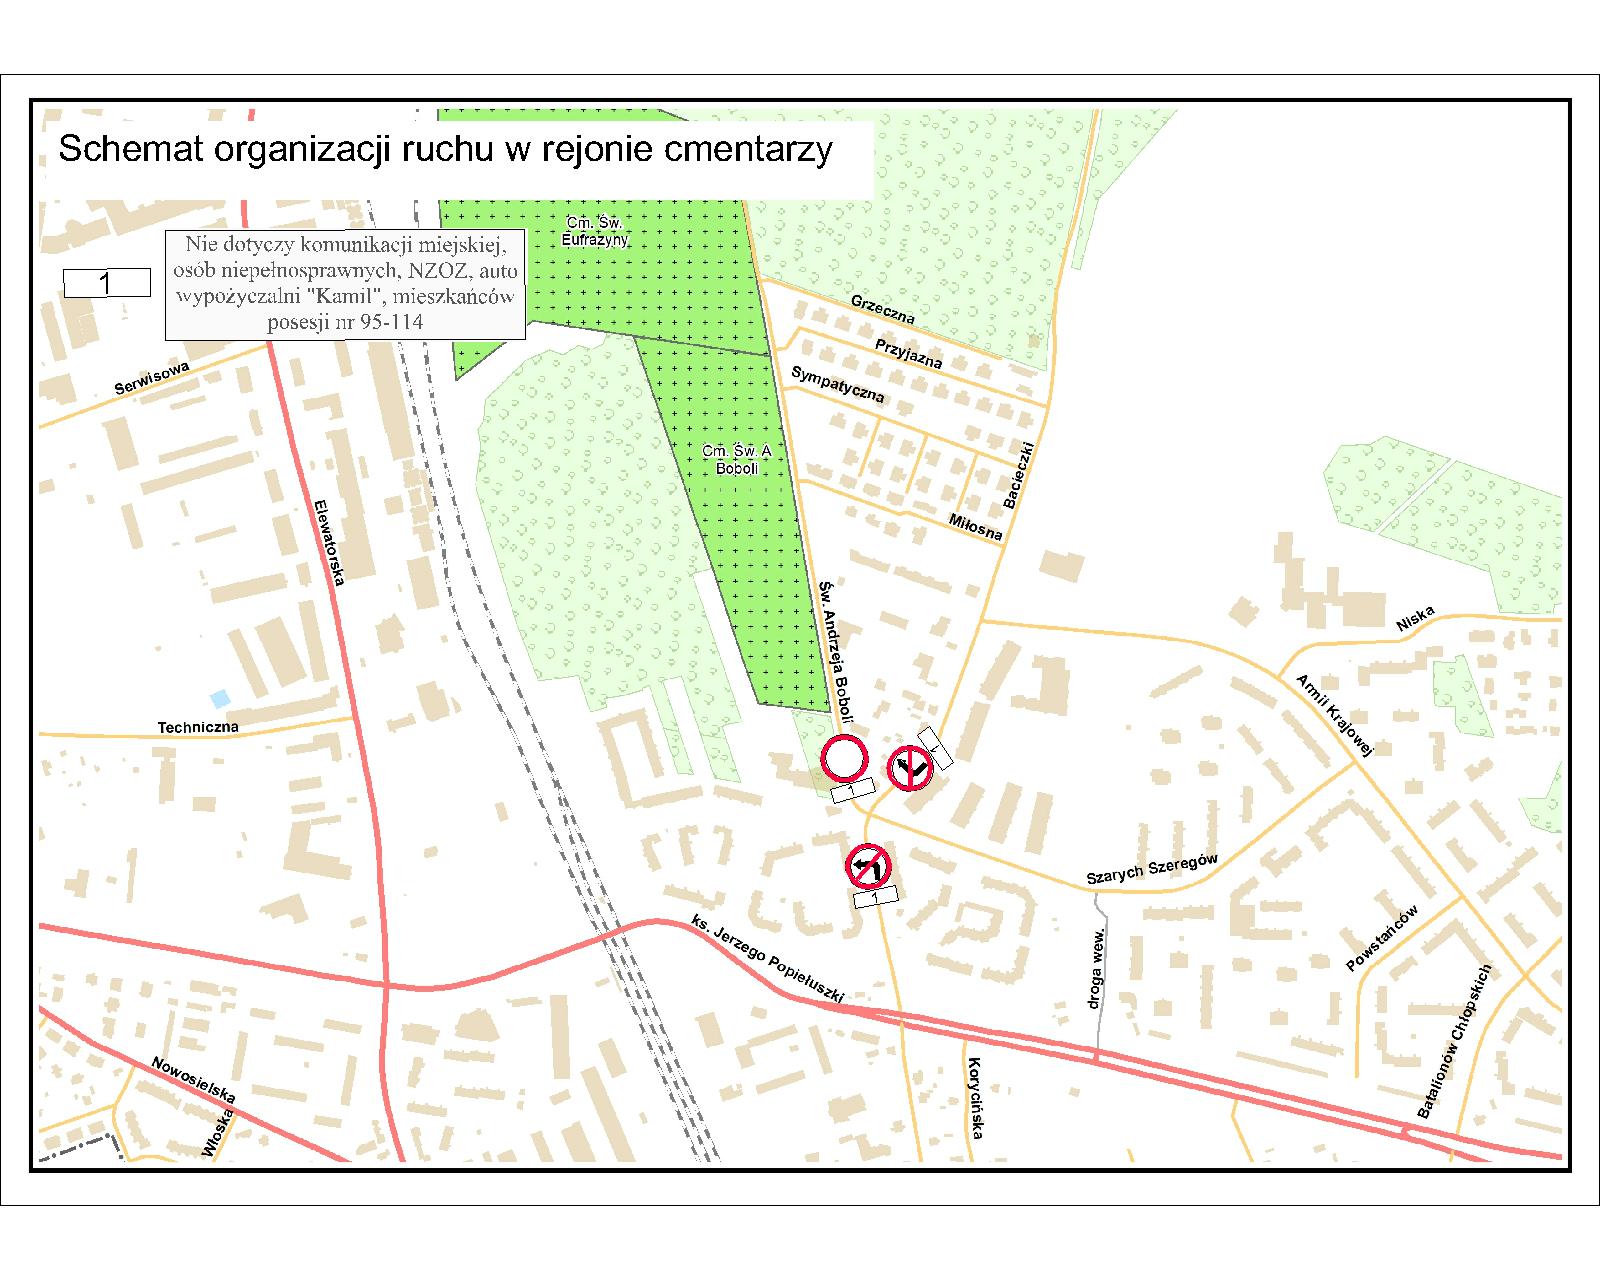 Organizacja ruchu na pierwszego listopada w okolicach białostockich cmentarzy (źródło: bialystok.pl)